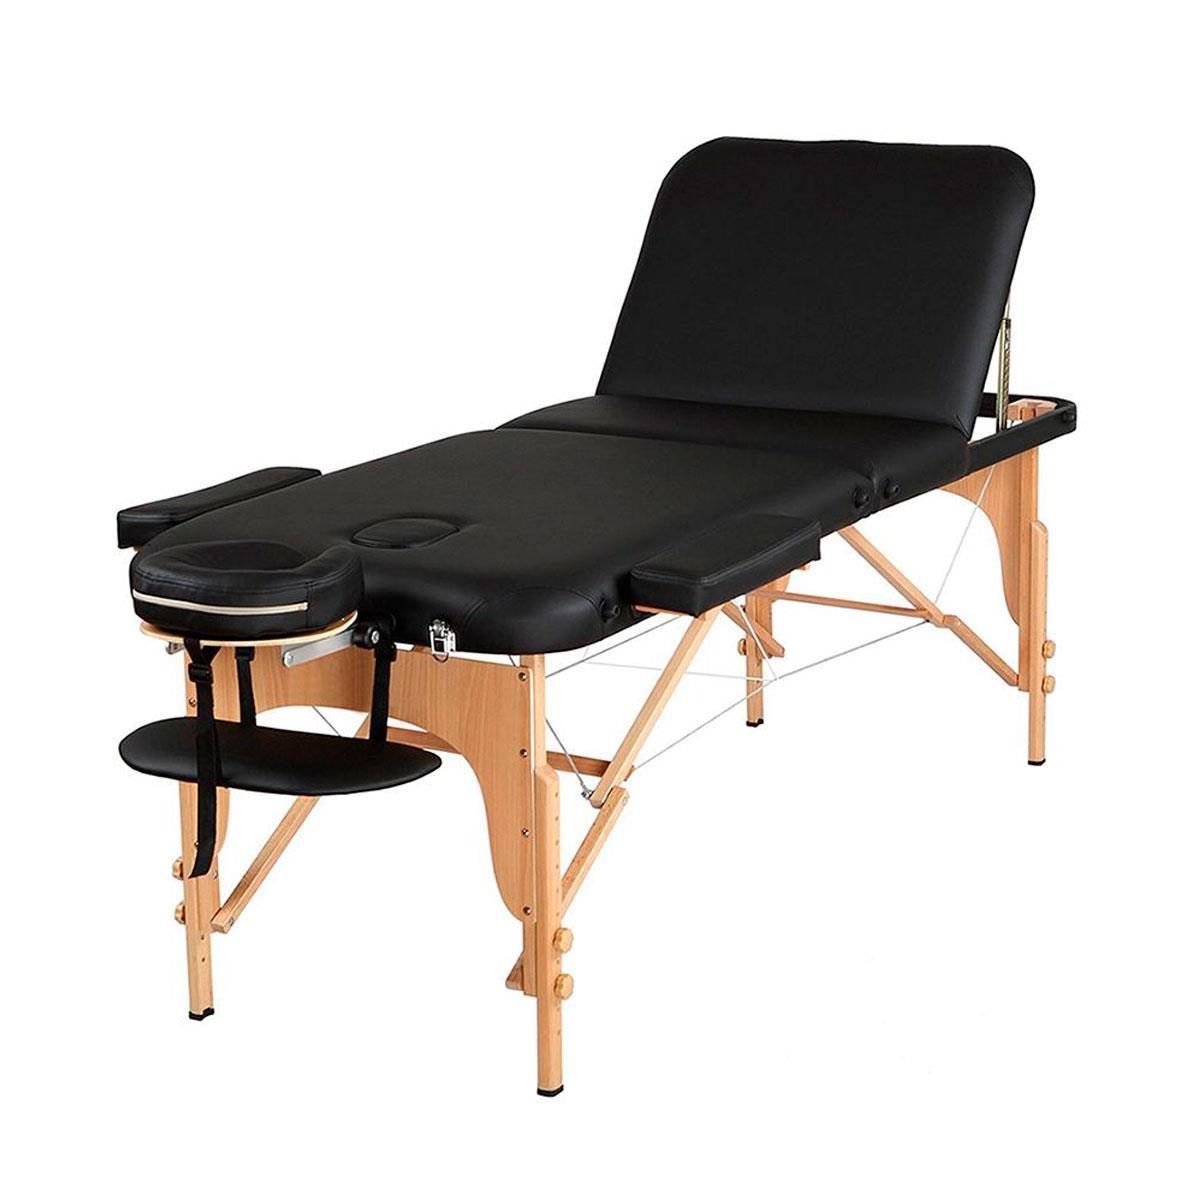 Maca De Massagem Portátil Reclinável Com Altura Regulável E Bolsa Para Transporte Premium Junior - Goldlife